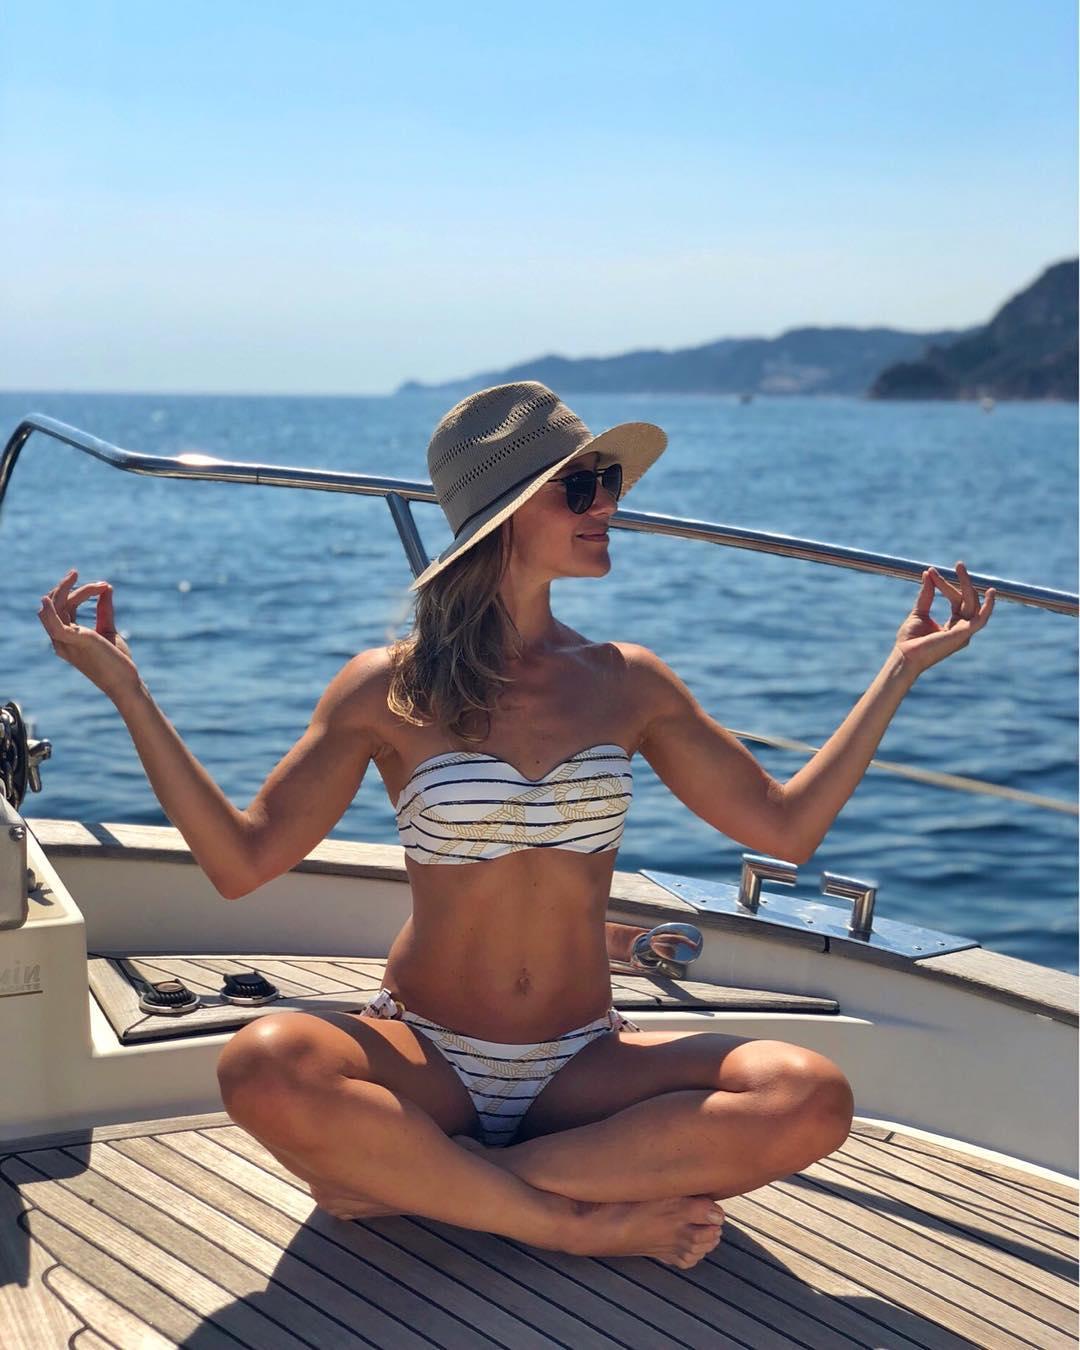 Юлия Ковальчук: Питаюсь...вдохновляюсь...наполняюсь...с 1 сентября снова в работу, силы и спокойствие пригодятся  #юлияковальчук #juliakovalchuk